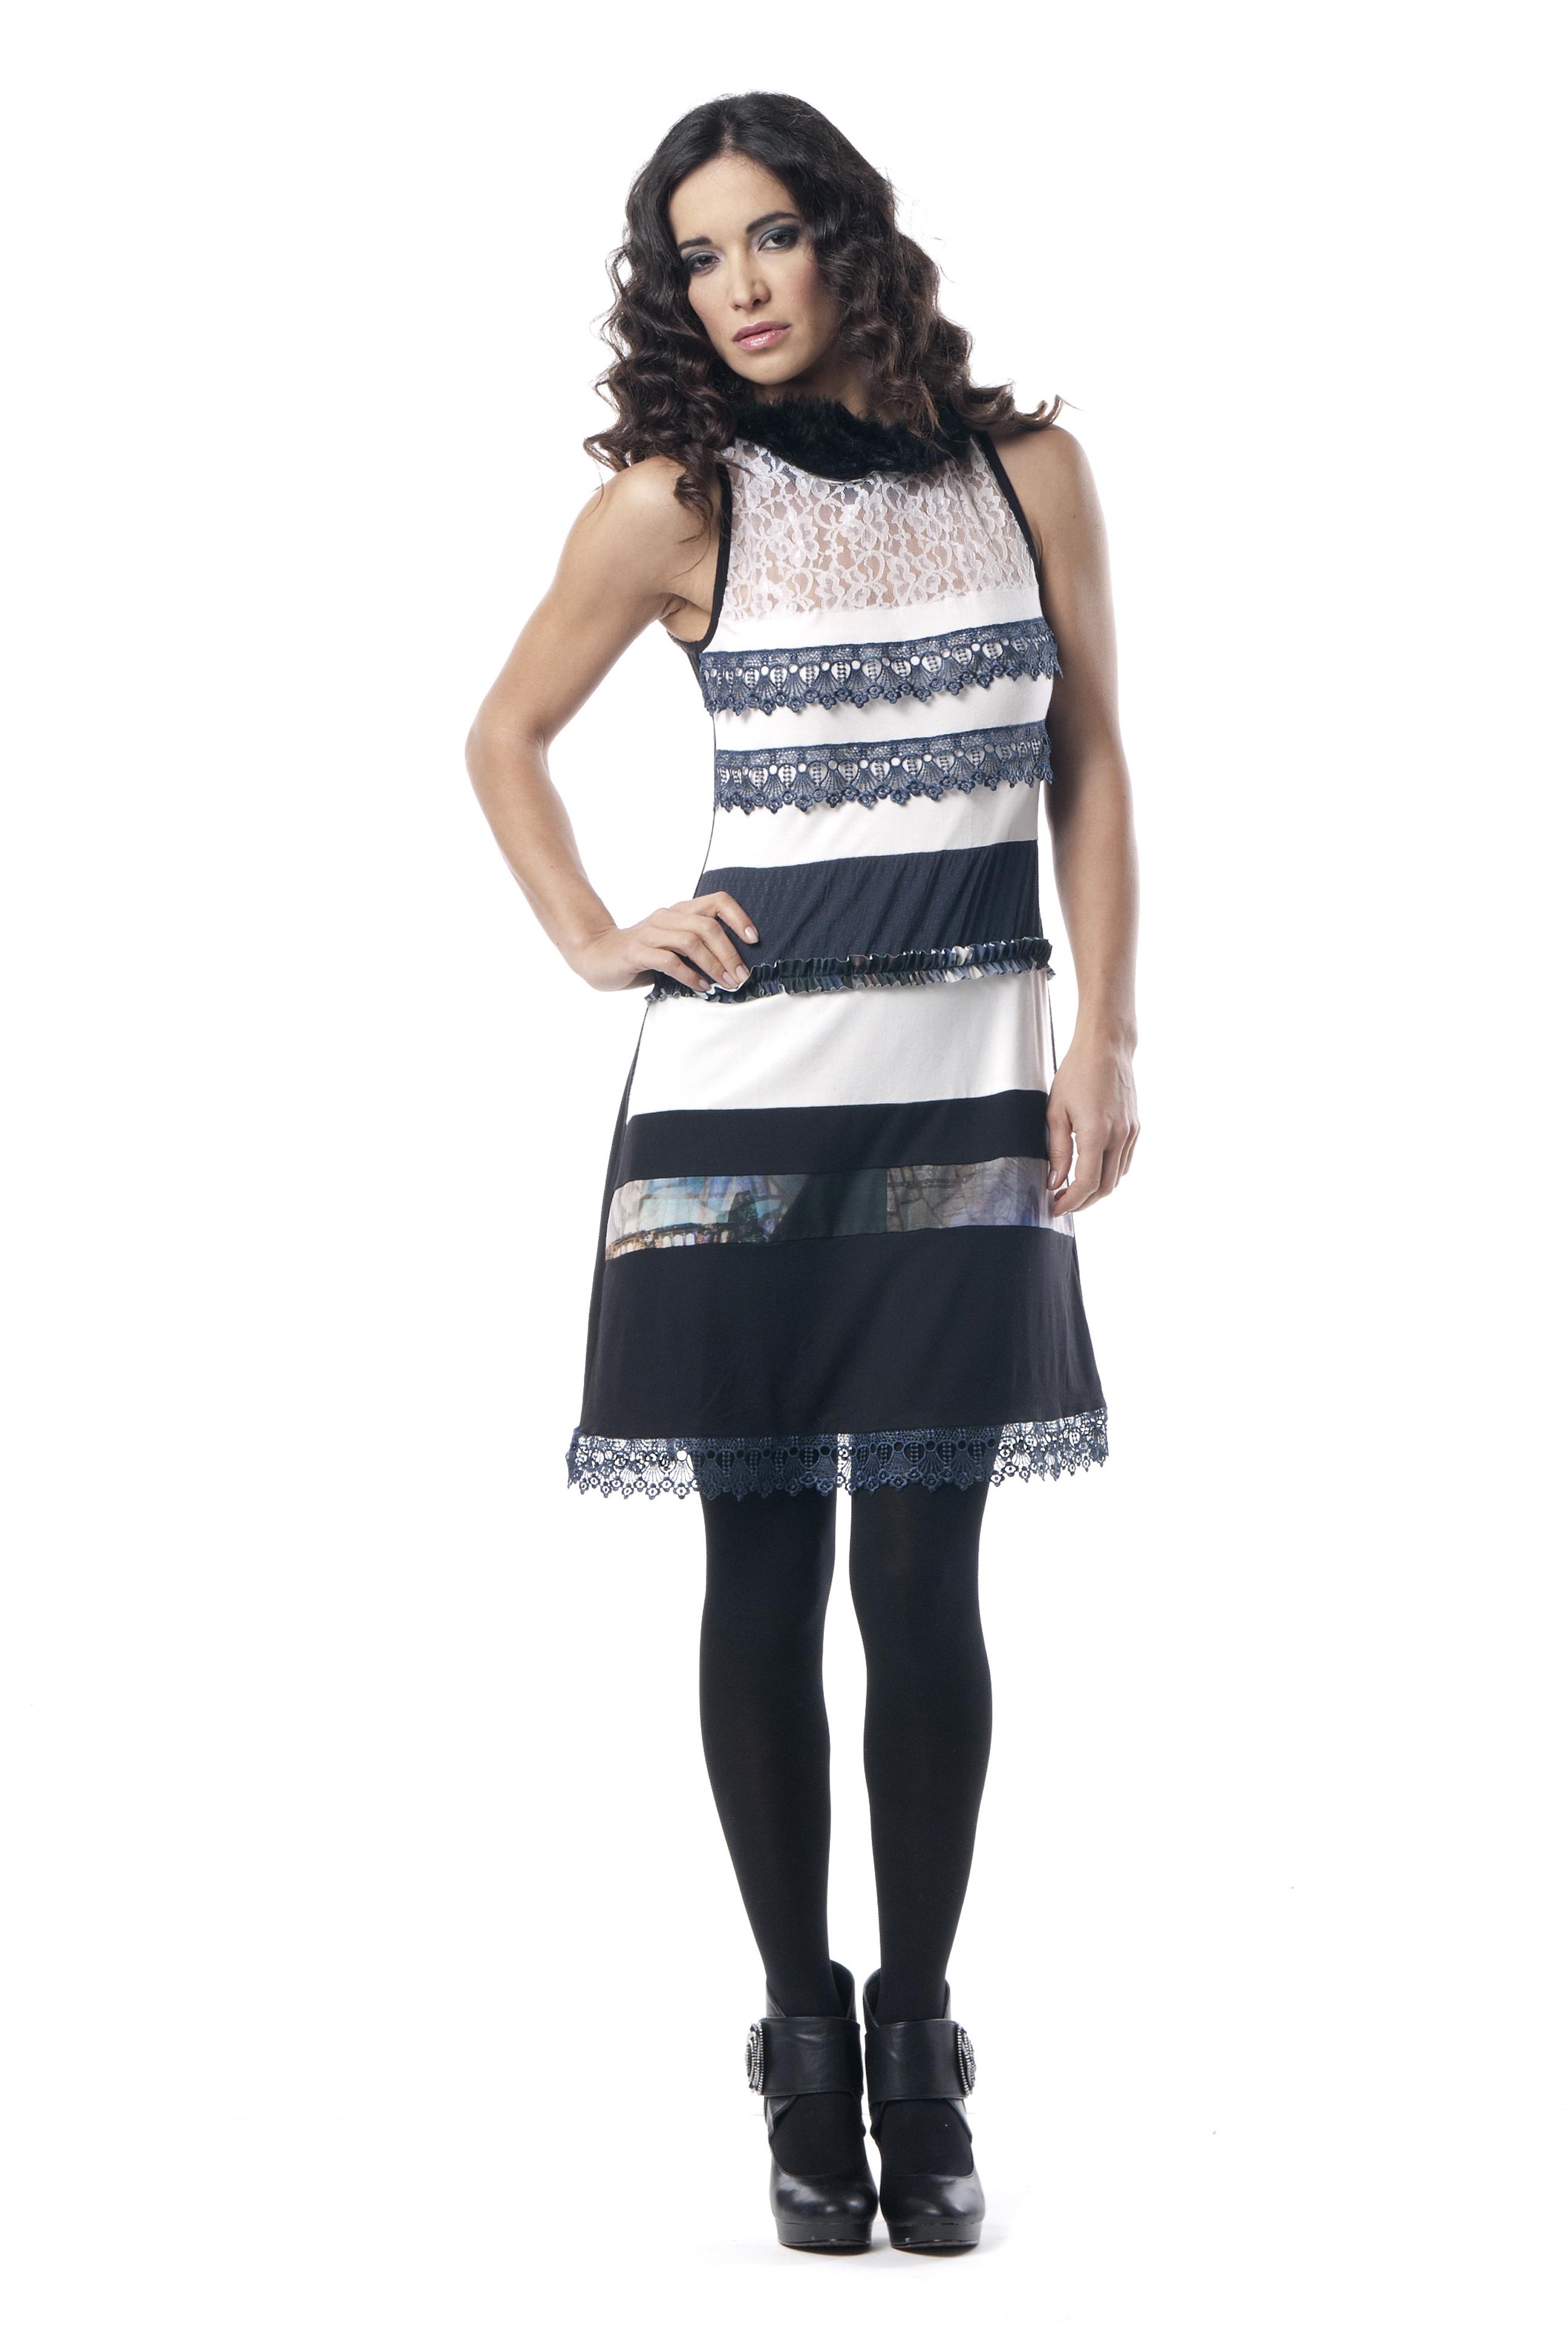 Les Fees Du Vent Couture Collection Lacey Fringe Dress LFDV_887712